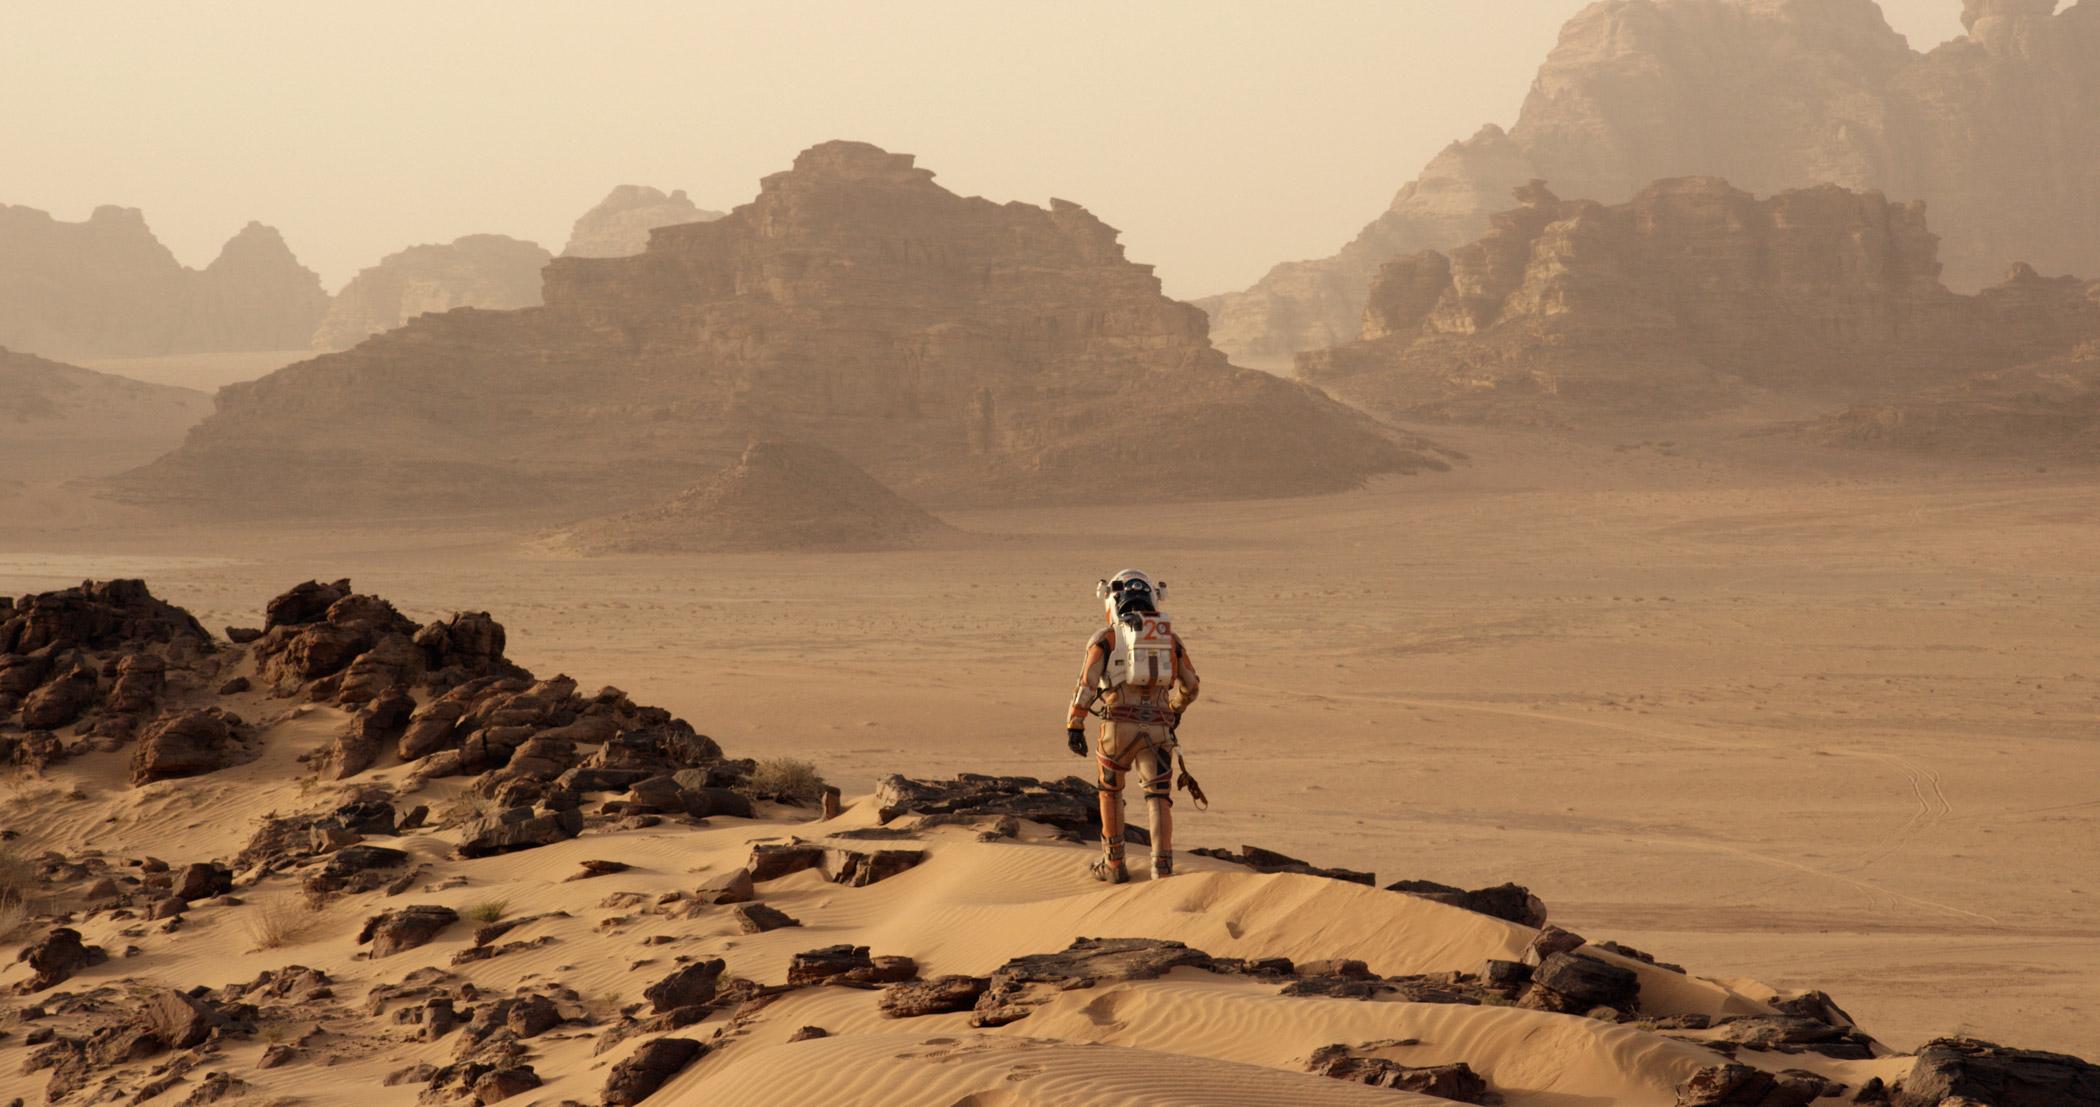 'The Martian', 2015